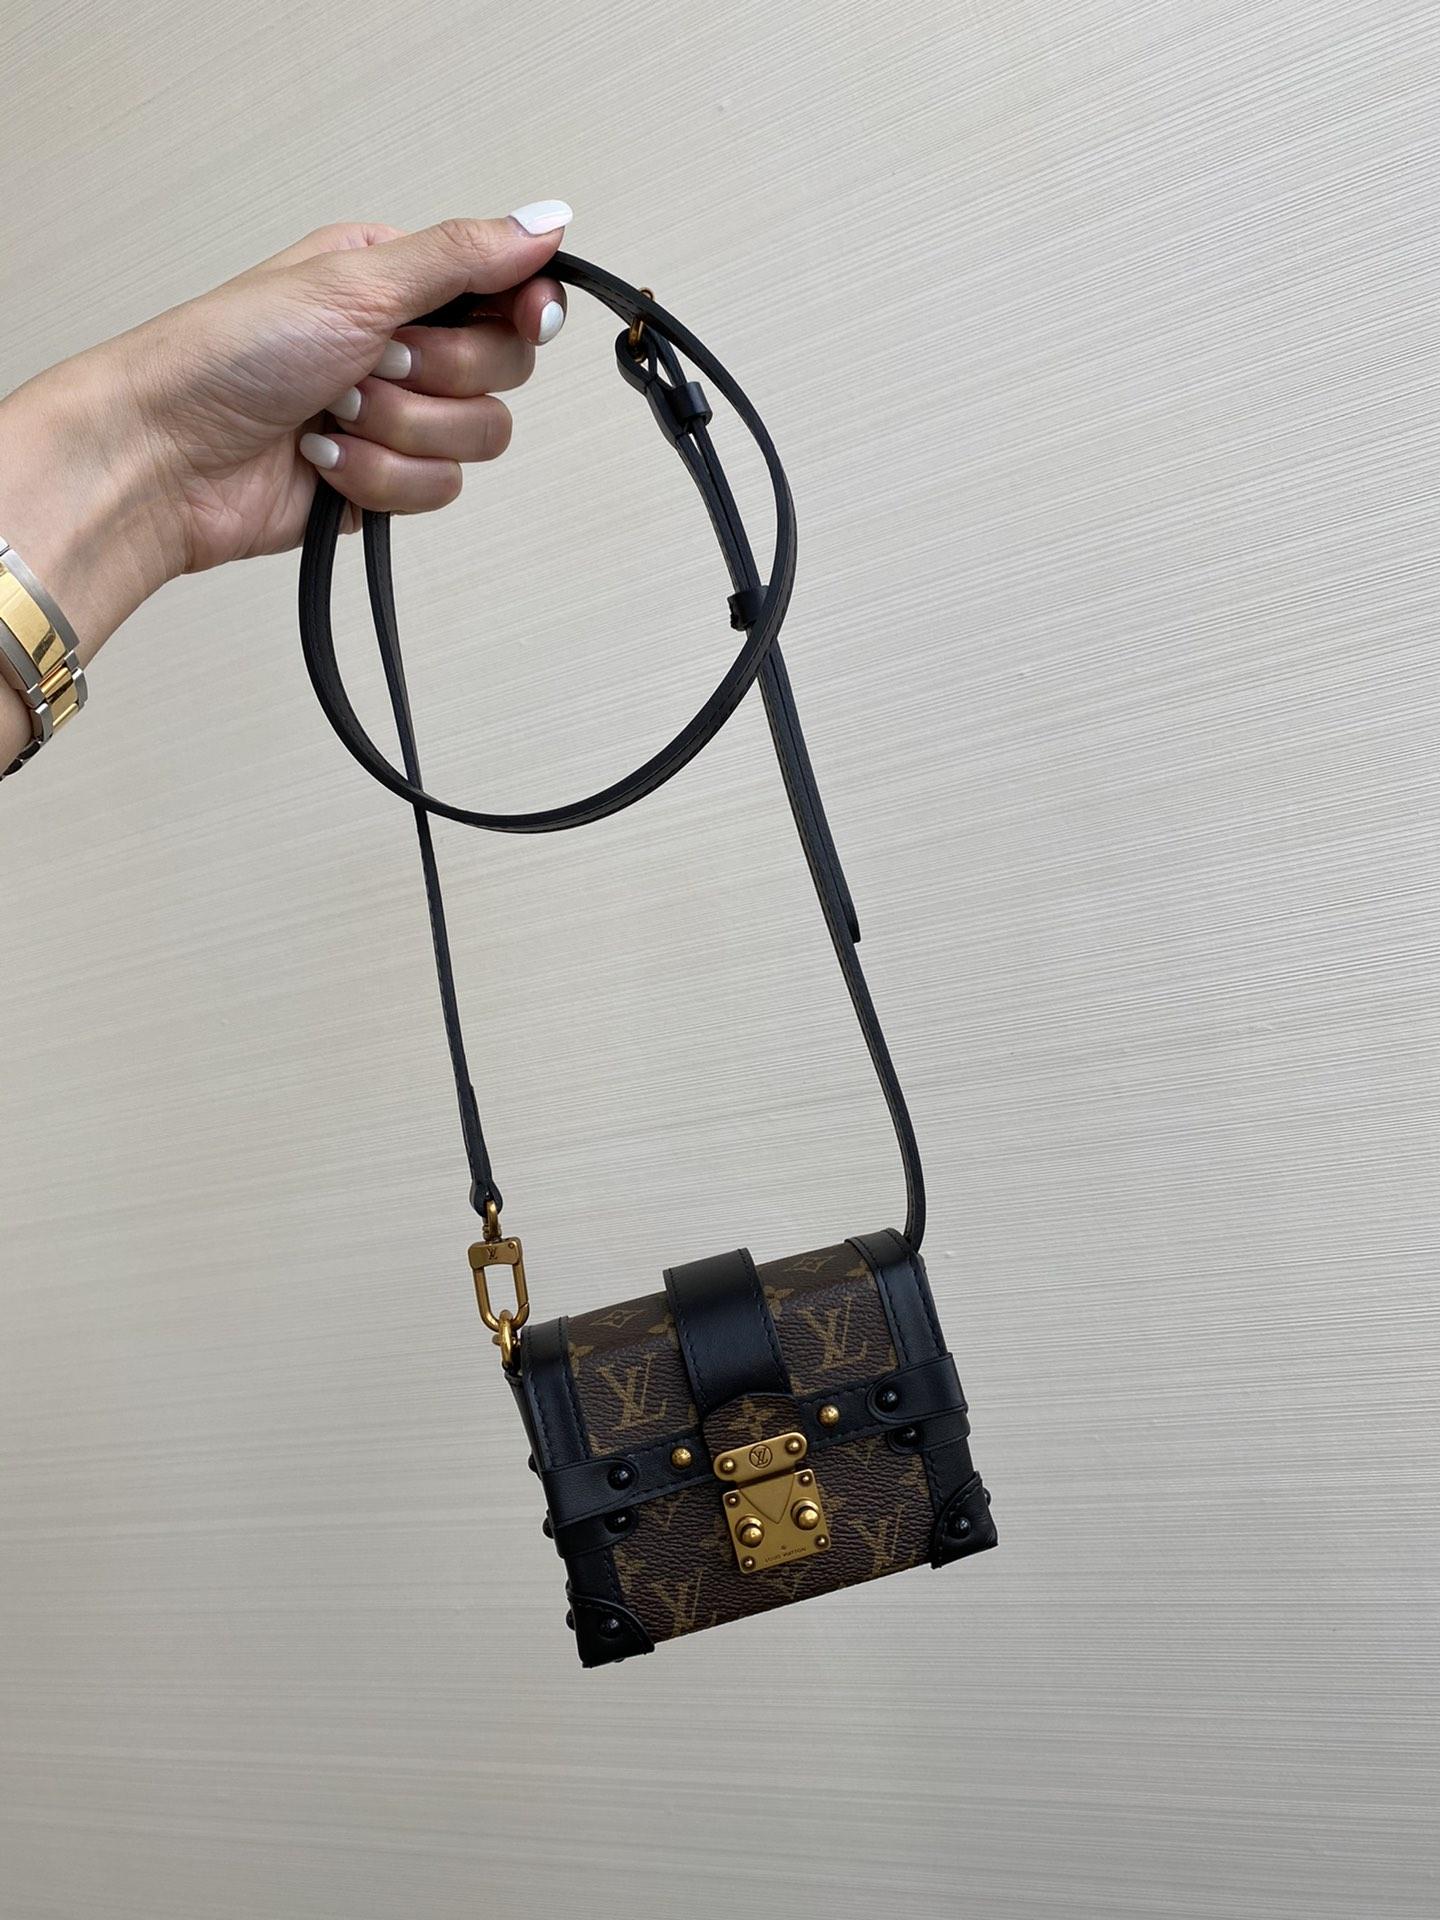 【¥650】驴家mini小箱包小号44188 经典复古带点小可爱 可手拿可当挂饰